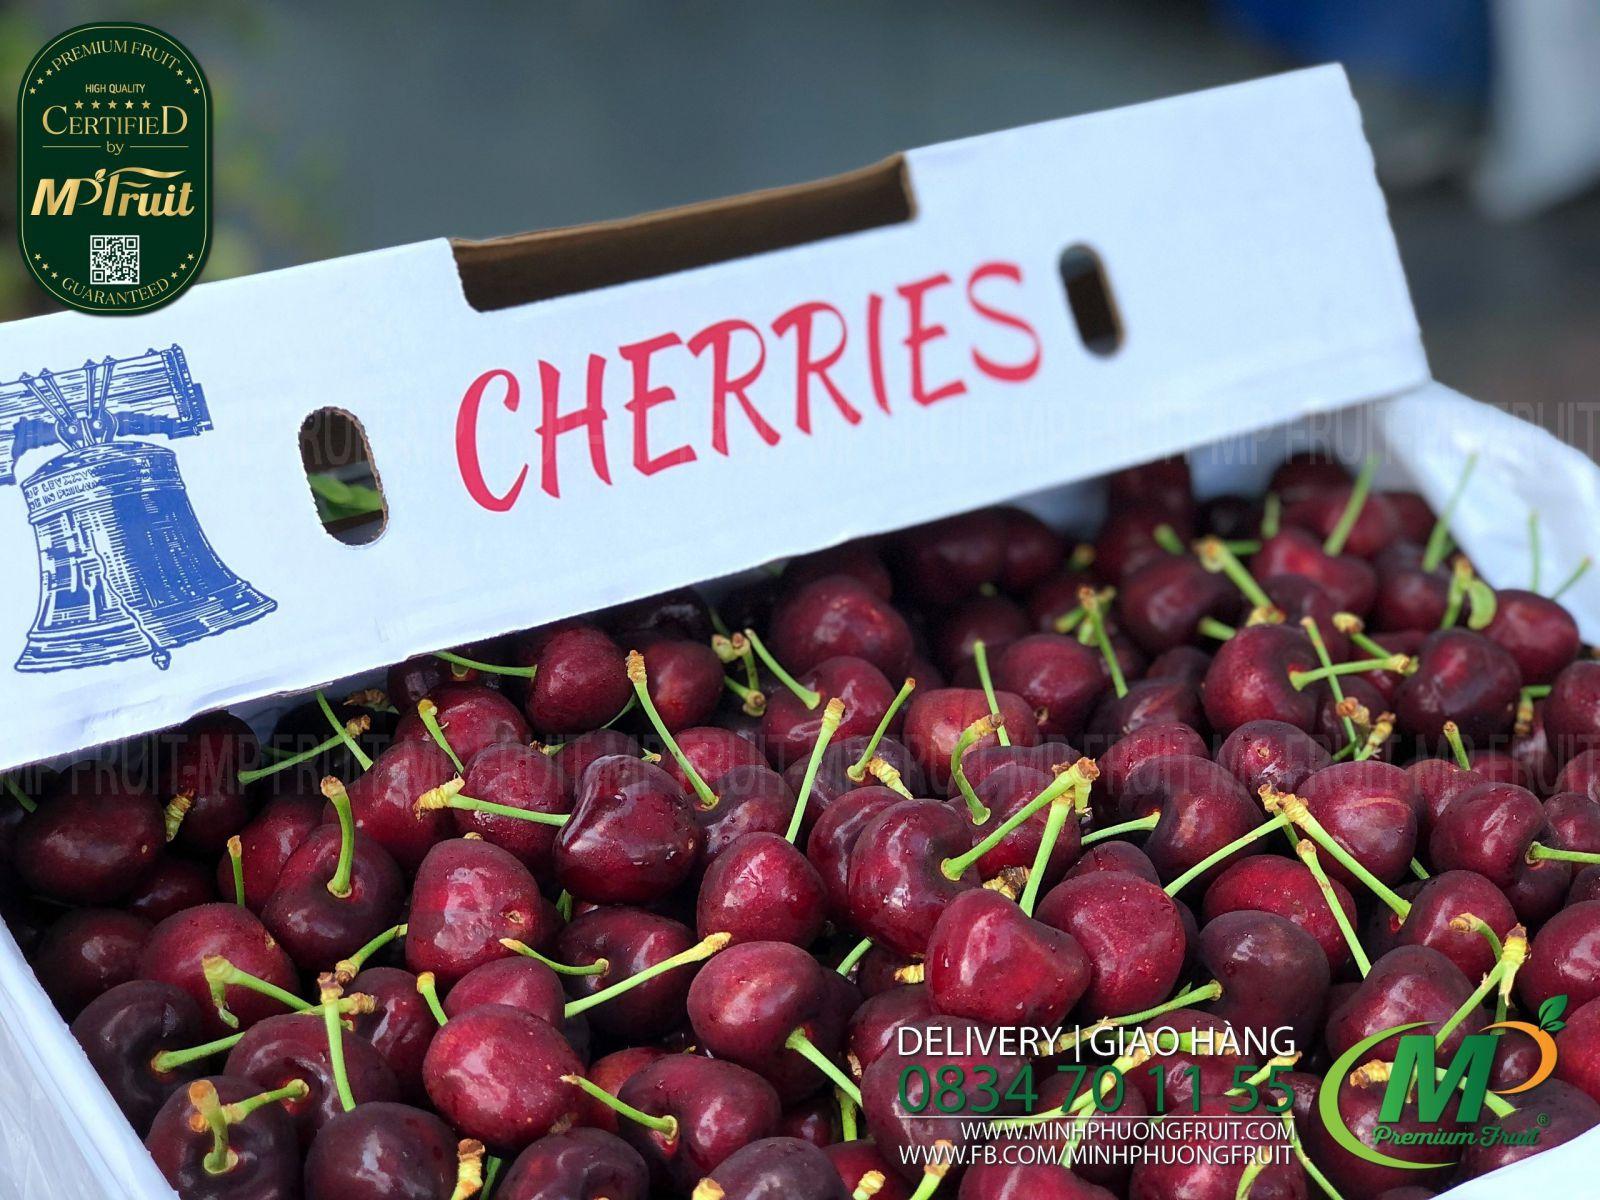 Cherry Đỏ Mỹ Size 8.5   Chuông tại MP Fruits